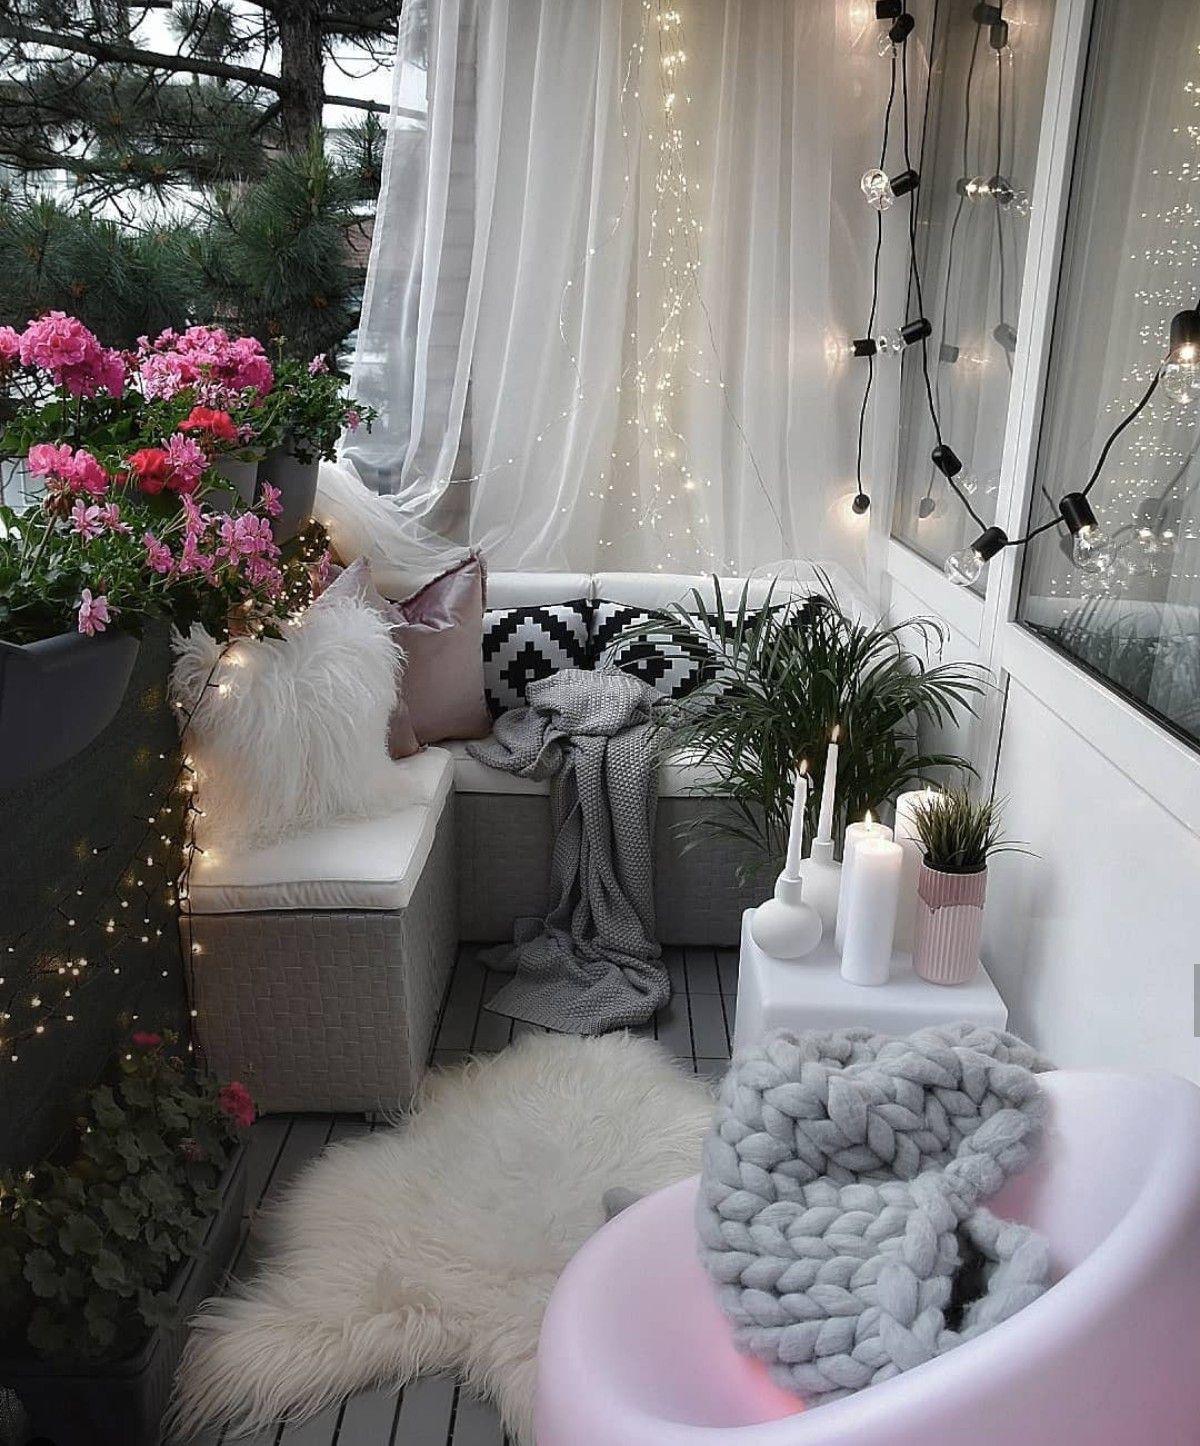 Follow beepaola to pinterest  Small balcony design, Balcony decor